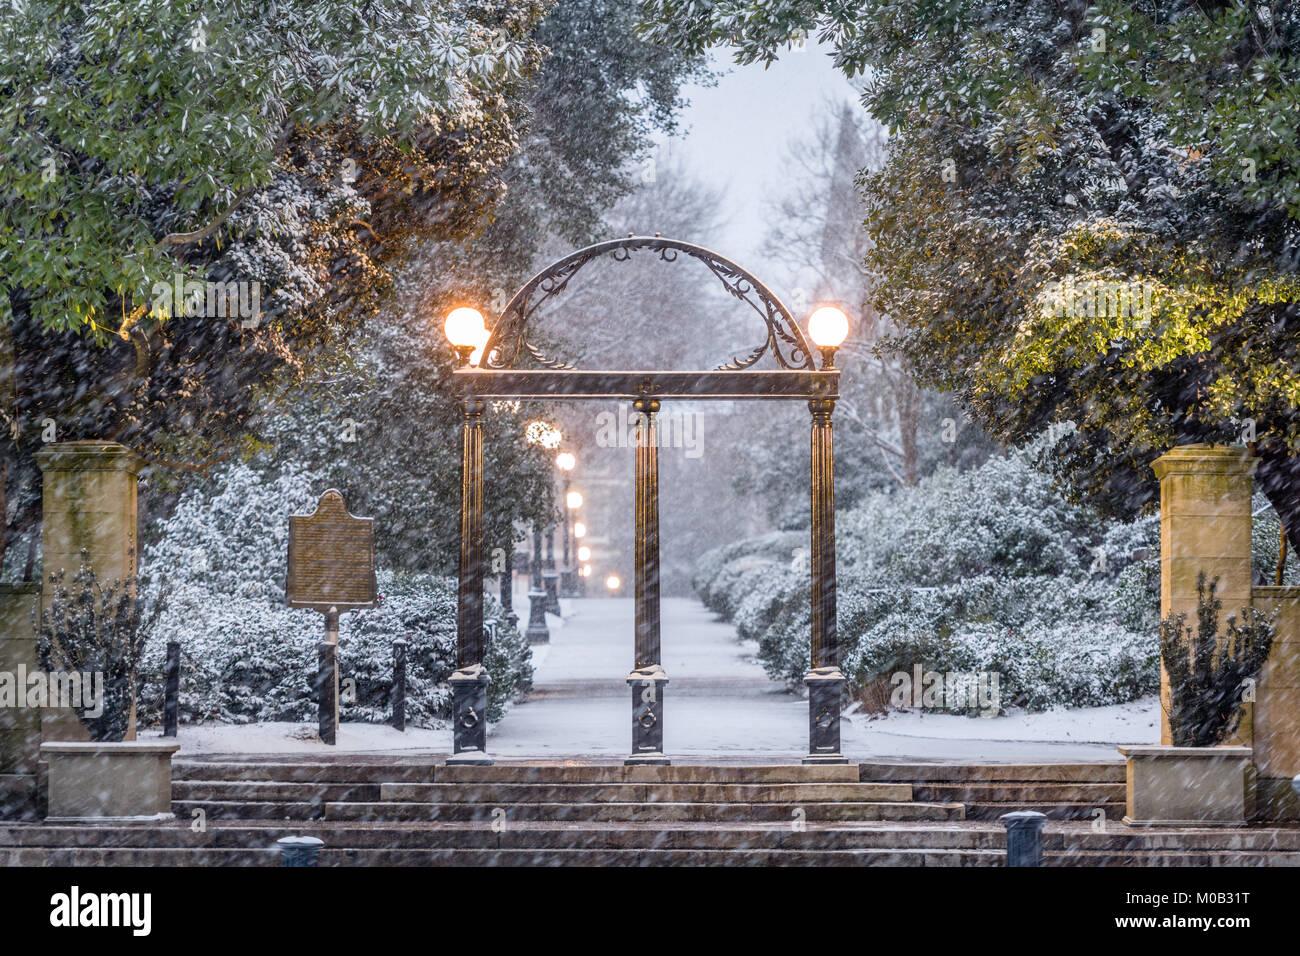 Atenas, Georgia, EE.UU. en el campus de la Universidad de Georgia arch en el invierno. Foto de stock